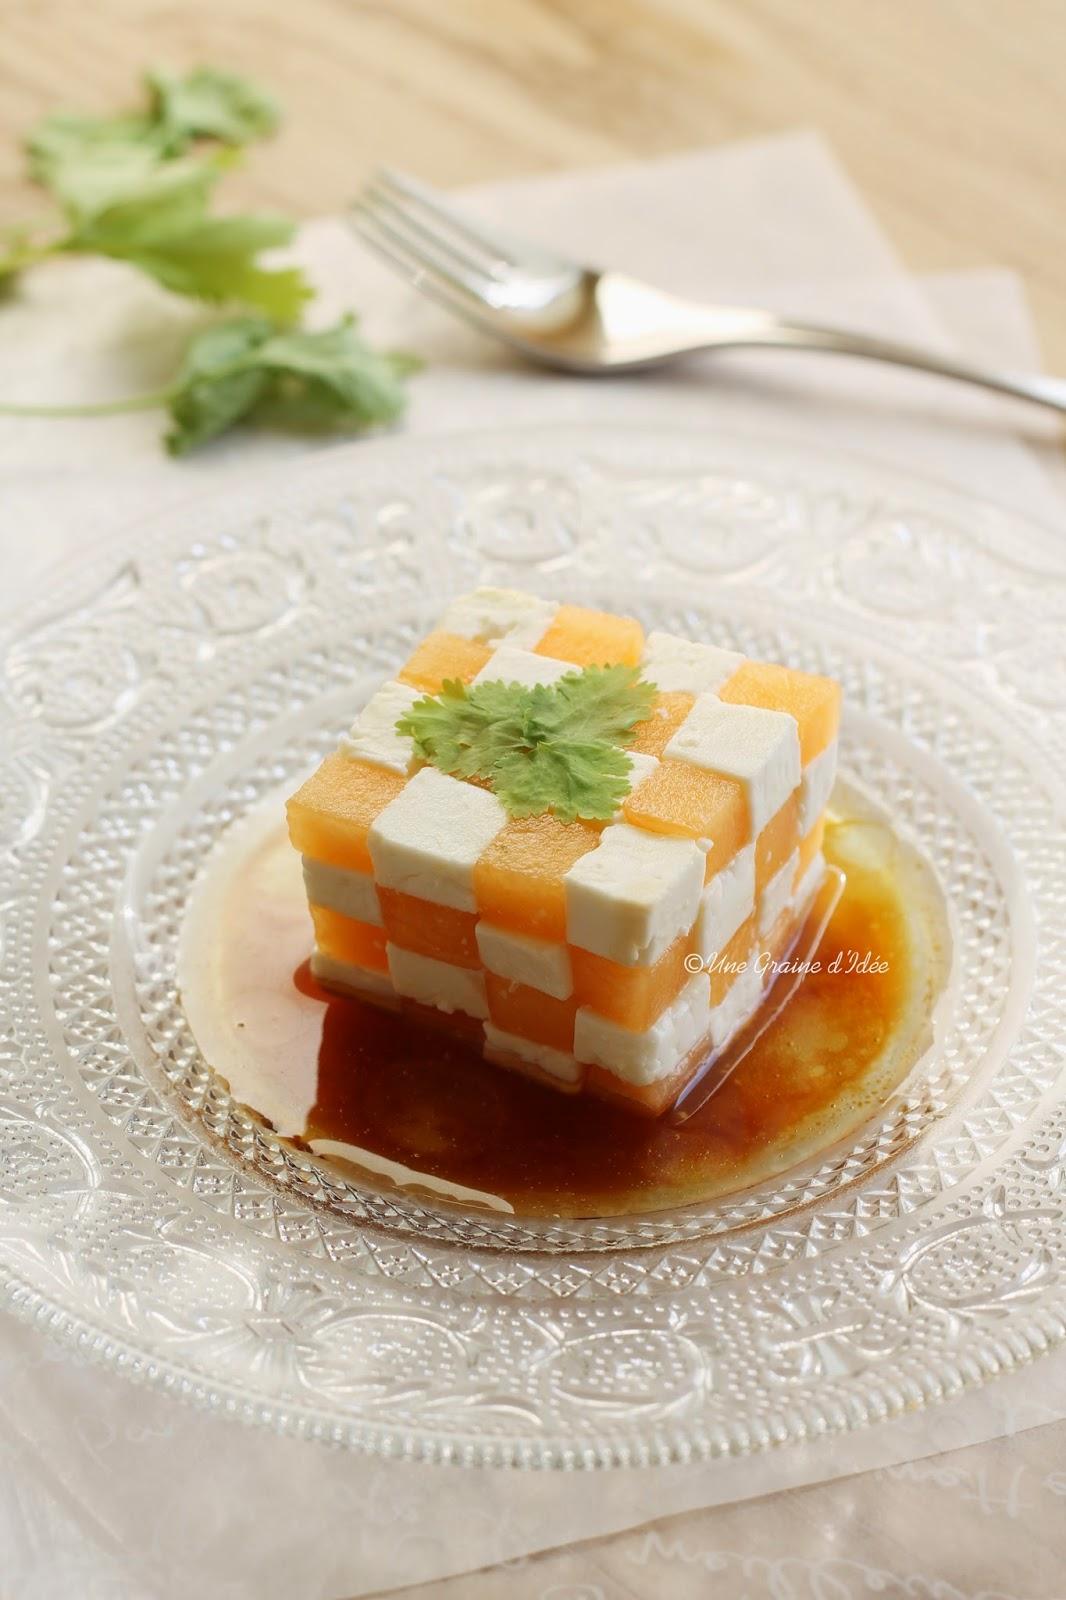 Rubik's Cube de Melon et de Feta - Une Graine d'Idée